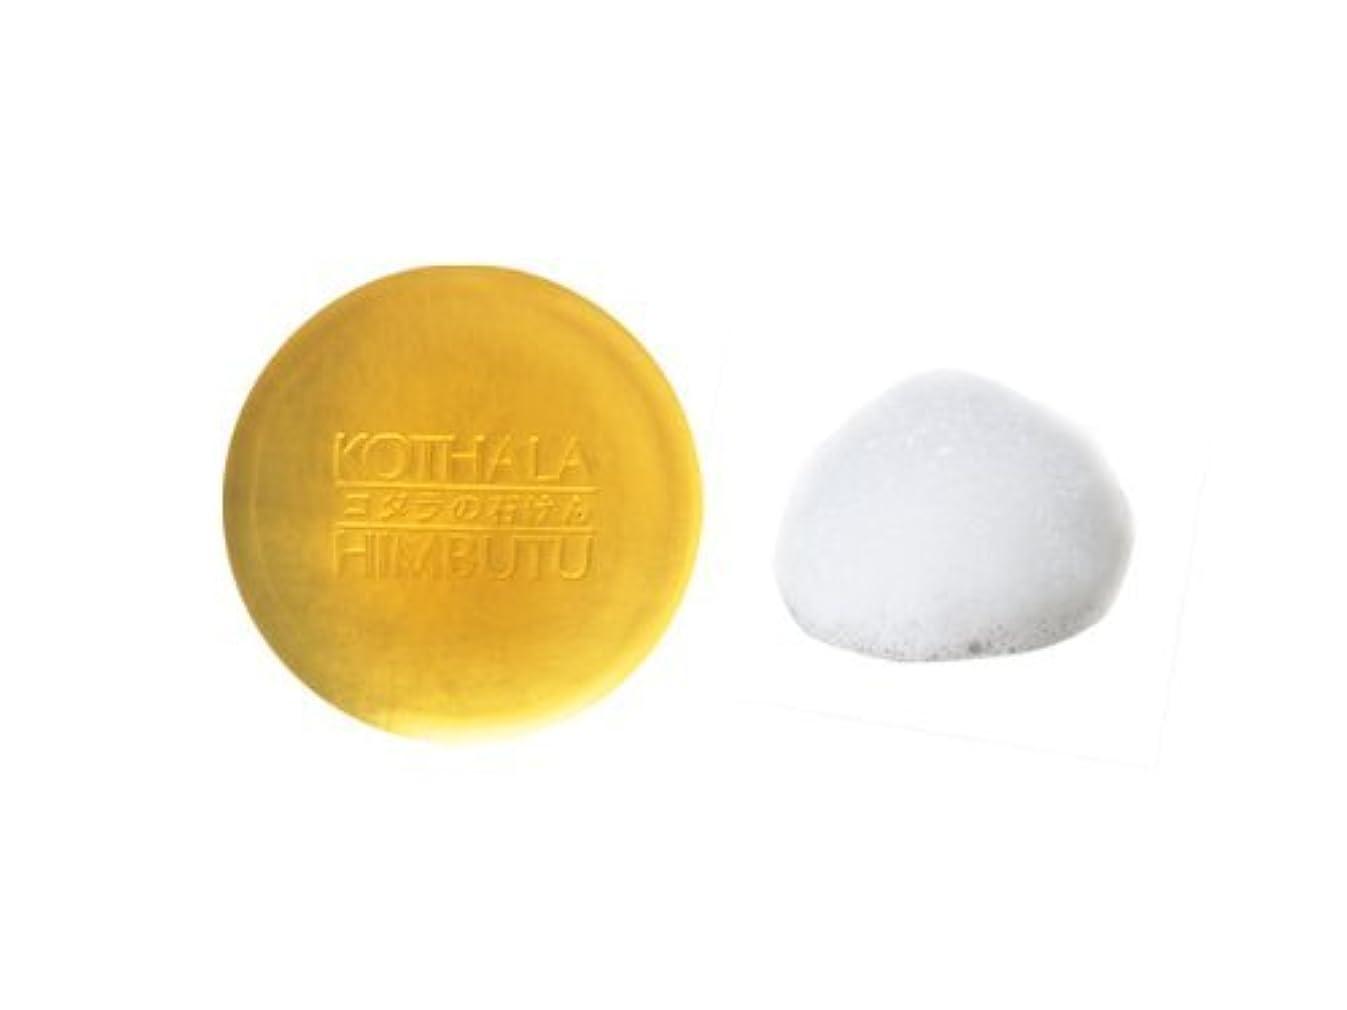 割り当てます処分した連邦盛光 コタラの石けん (100g)